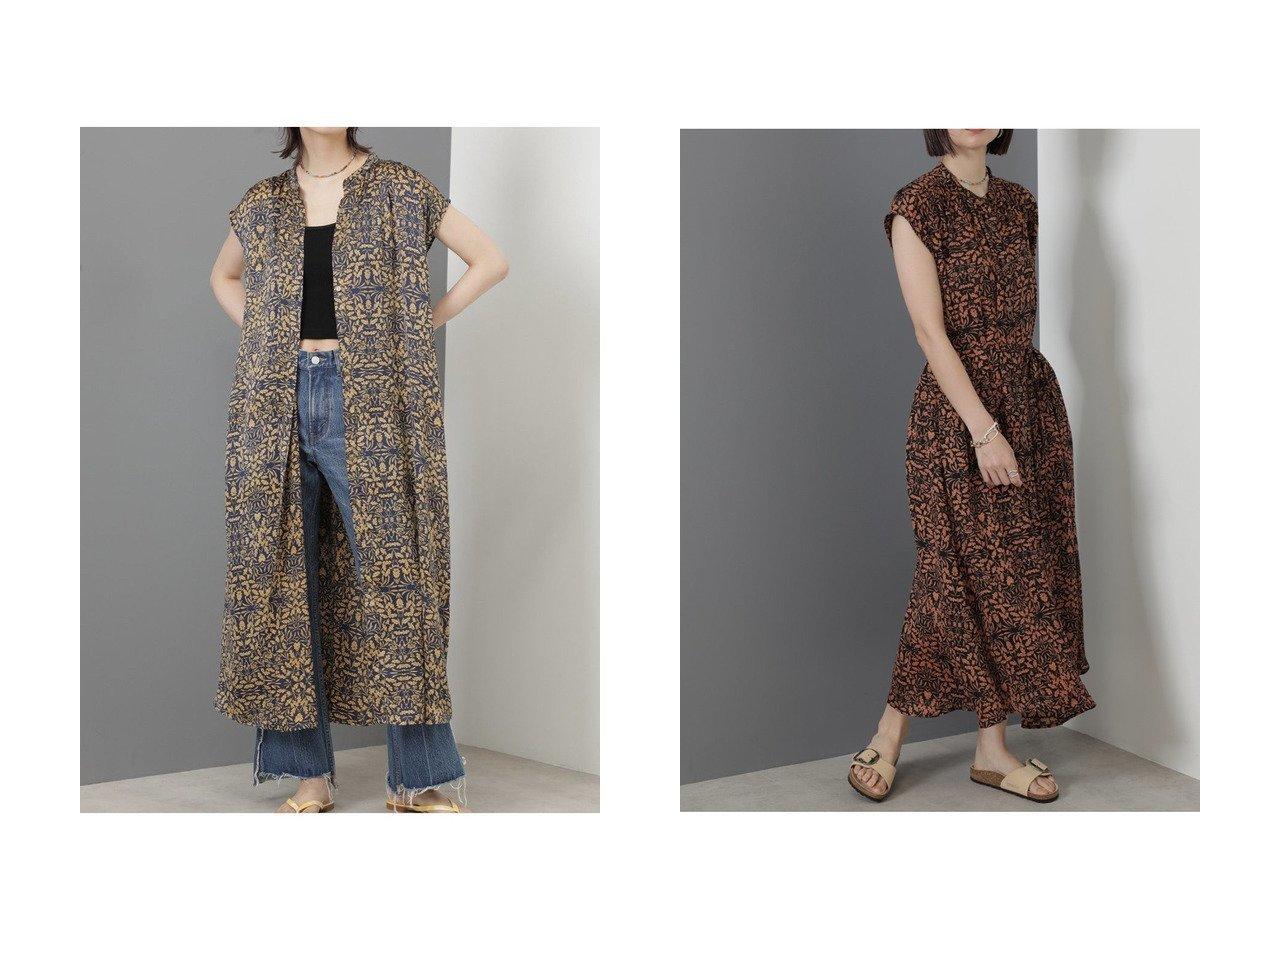 【ROSE BUD/ローズバッド】のプリントワンピース 【ワンピース・ドレス】おすすめ!人気、トレンド・レディースファッションの通販 おすすめで人気の流行・トレンド、ファッションの通販商品 インテリア・家具・メンズファッション・キッズファッション・レディースファッション・服の通販 founy(ファニー) https://founy.com/ ファッション Fashion レディースファッション WOMEN ワンピース Dress 2021年 2021 2021-2022秋冬・A/W AW・Autumn/Winter・FW・Fall-Winter・2021-2022 A/W・秋冬 AW・Autumn/Winter・FW・Fall-Winter トレンド プリント ロング |ID:crp329100000055116